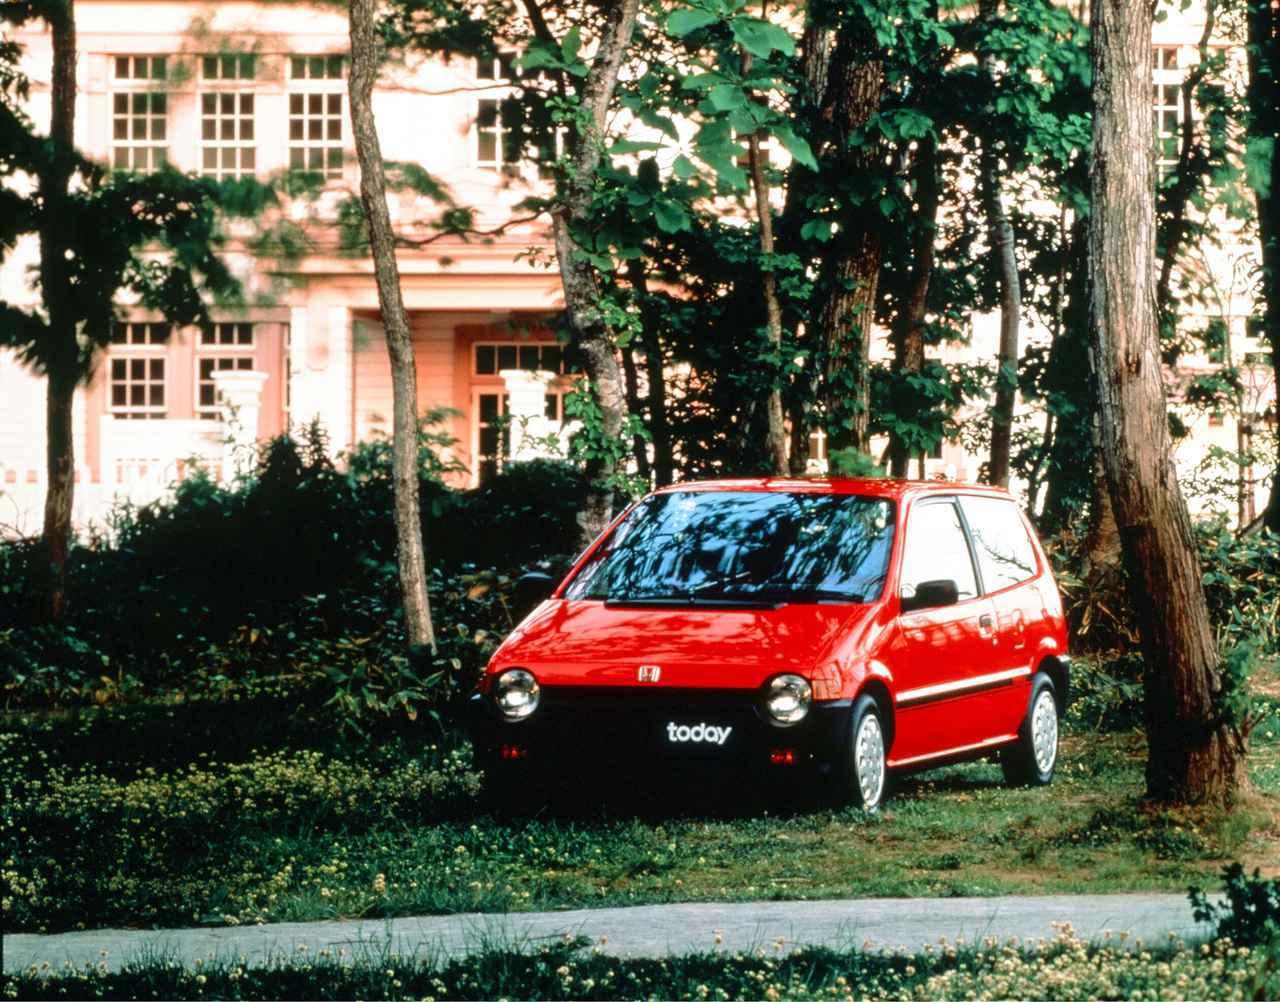 画像: 今のホンダの軽自動車の原点は35年前のトゥデイにあった!【みんなの知らないホンダvol.11】 - A Little Honda | ア・リトル・ホンダ(リトホン)